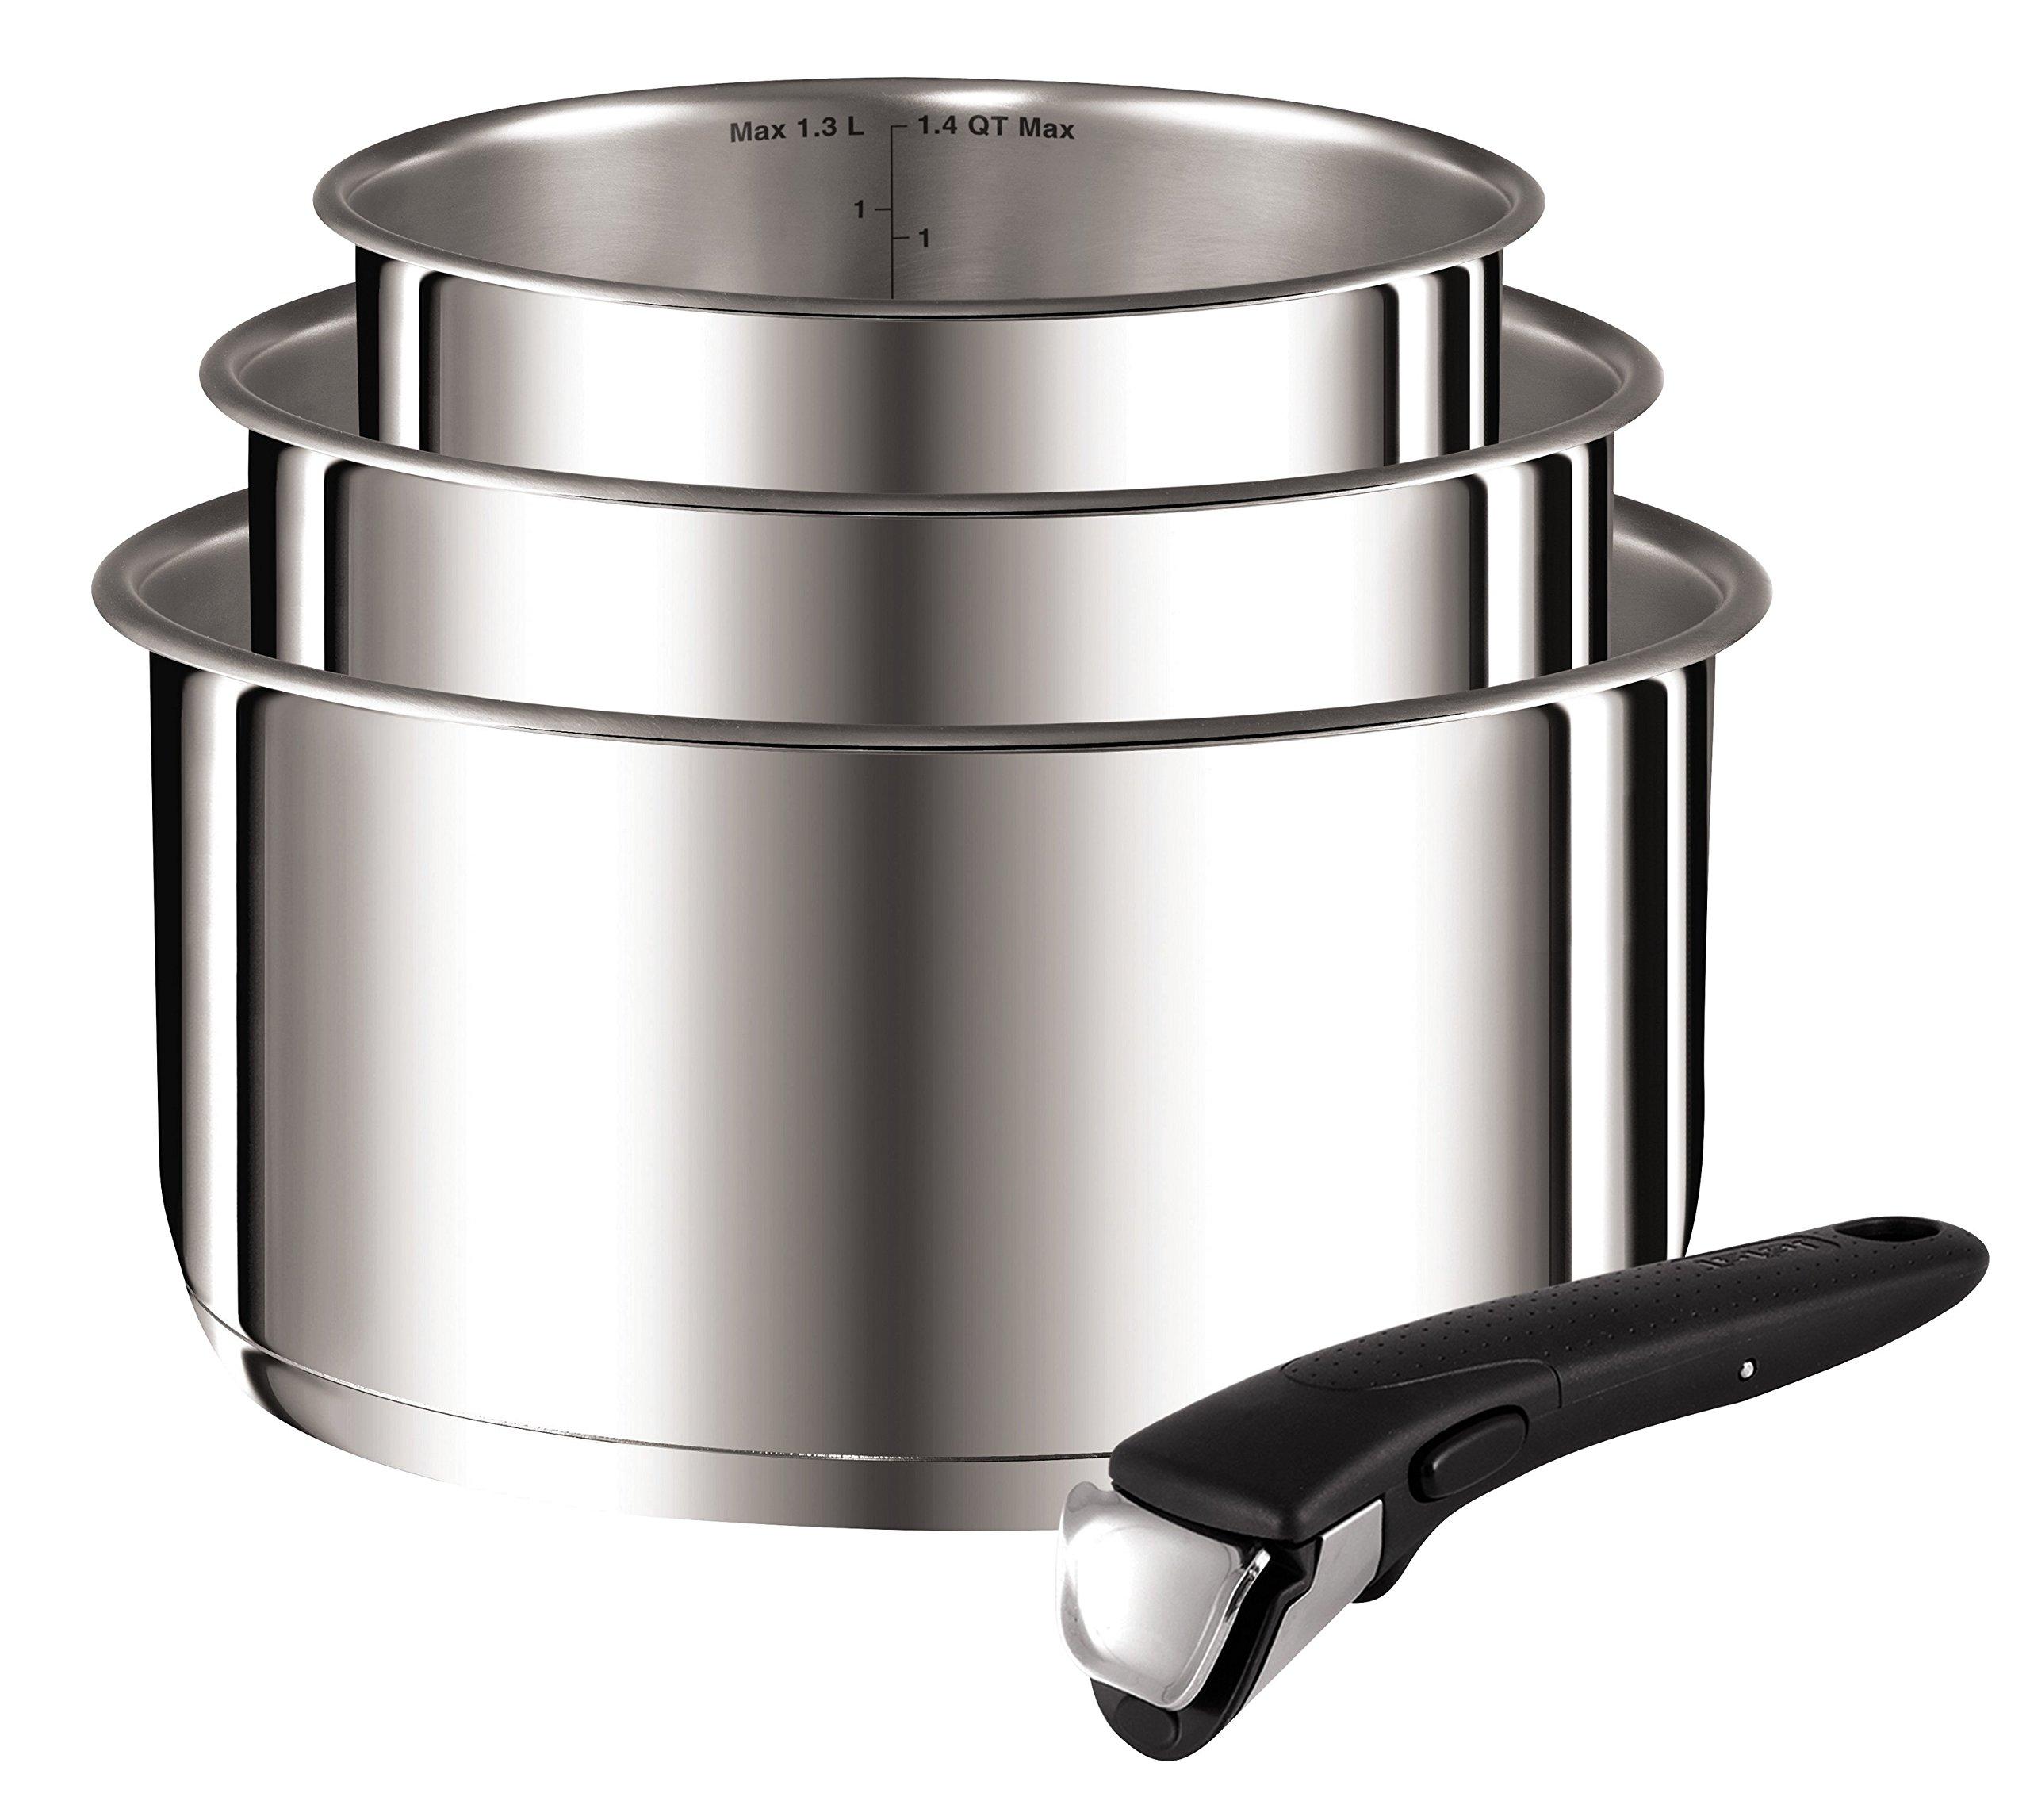 Tefal-L9419502-Ingenio Preference casseroles 16/18/20 cm + 1 Poignée Inox Non Revêtues Tous Feux Dont Induction ( contient 4 pièces ) product image